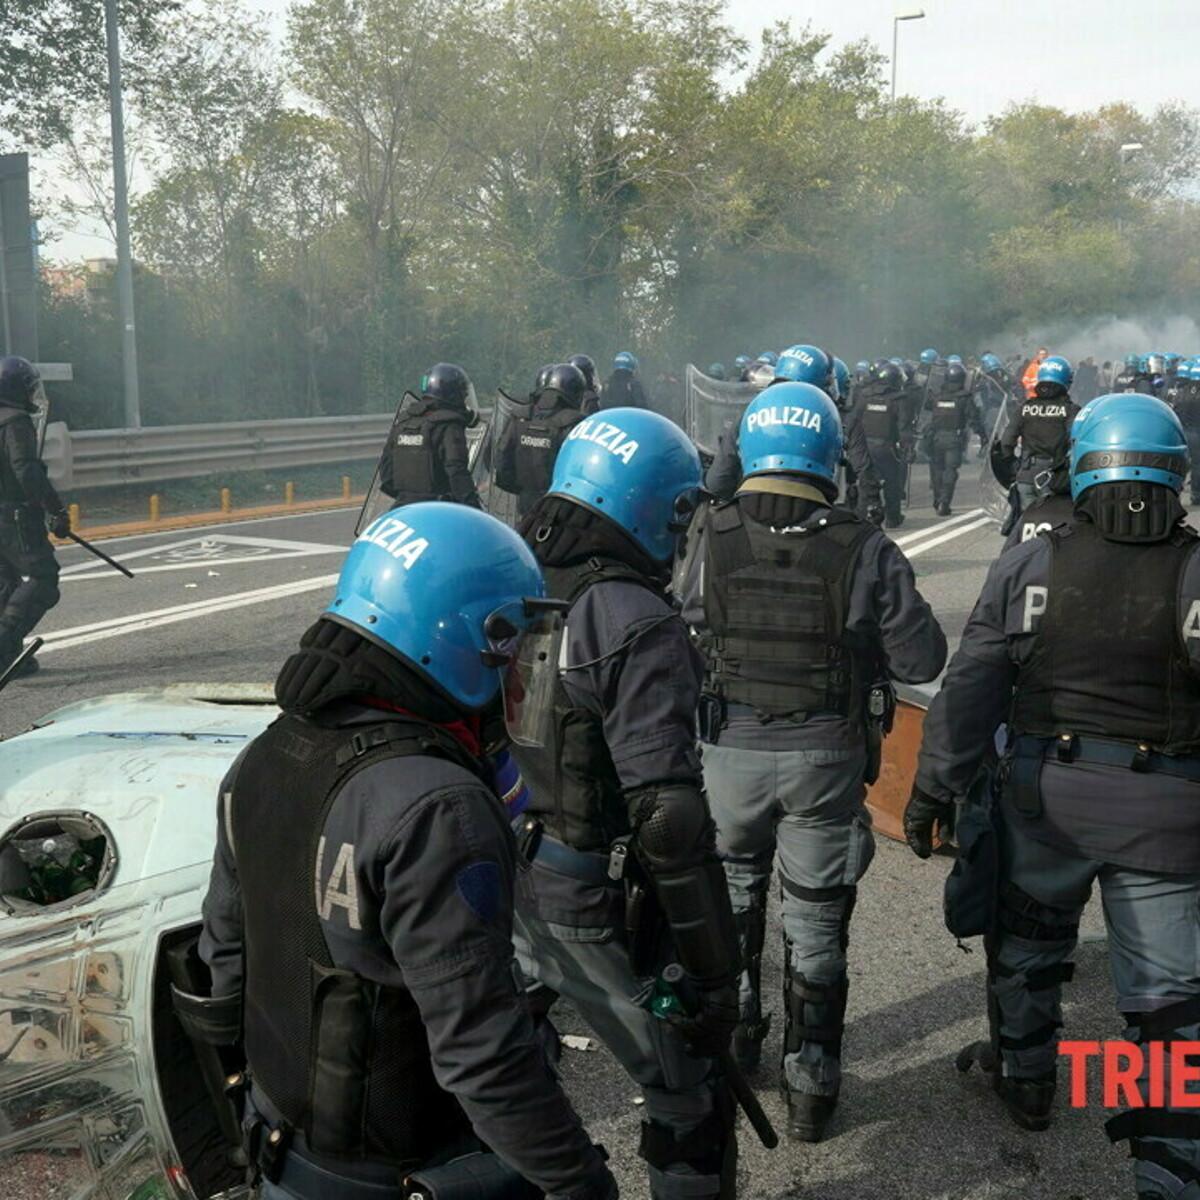 A Trieste il presidio no green pass finisce in guerriglia